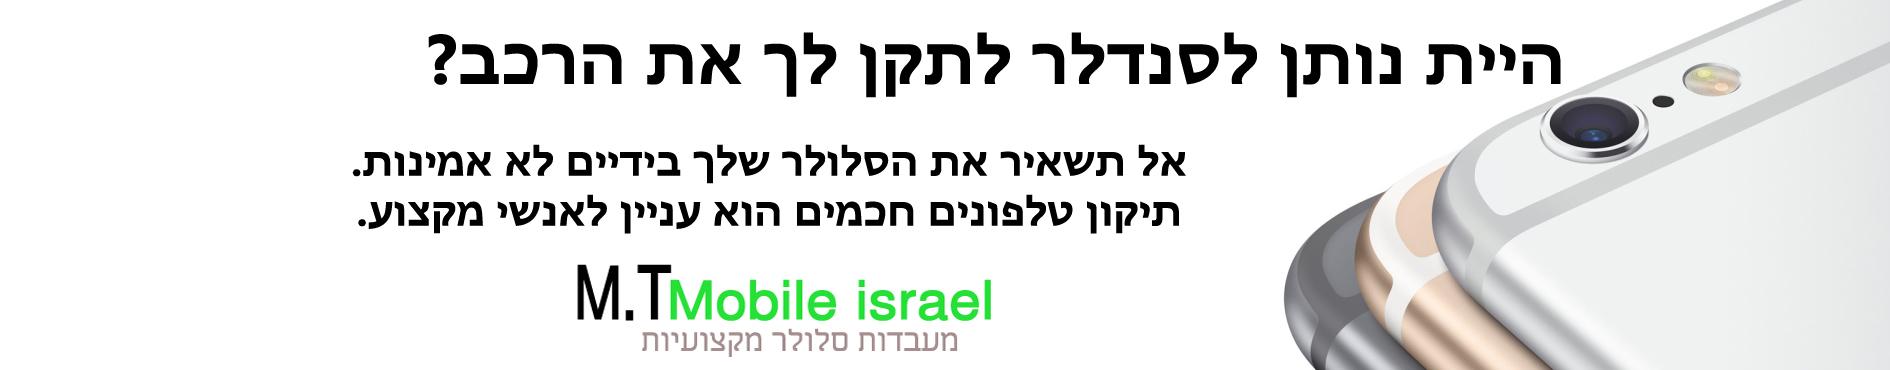 מעולה תיקון U2 באייפון 6 iPhone DG-75